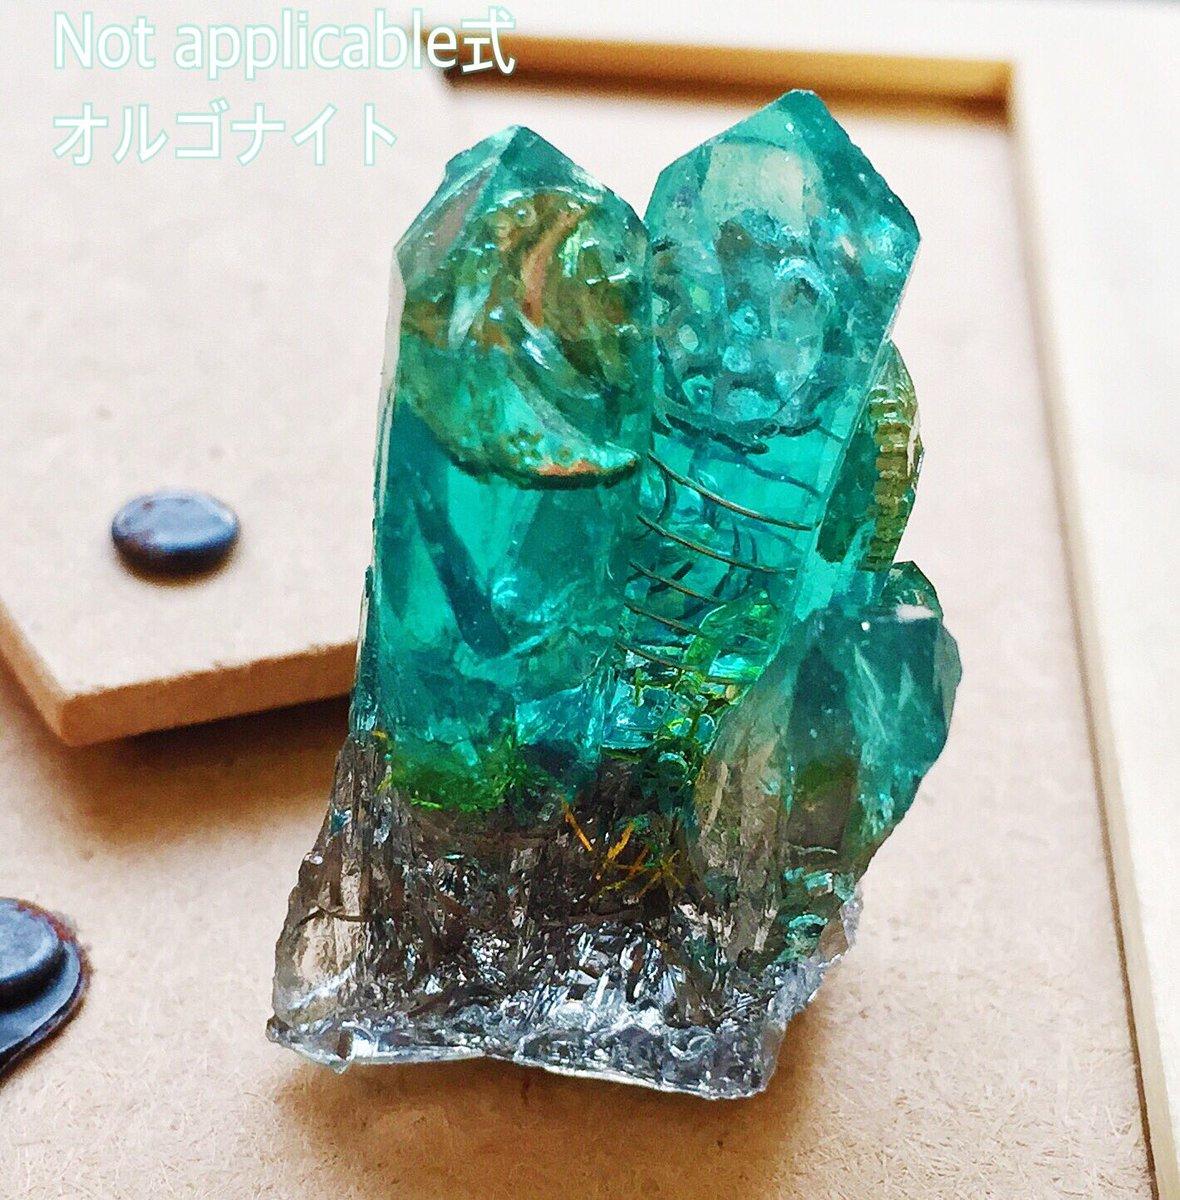 オルゴナイトはファフナー関係のものがばっちり入っていて楽しいですね(*^^*)水晶、コイル、金属(土台部分)、細粒ガラス